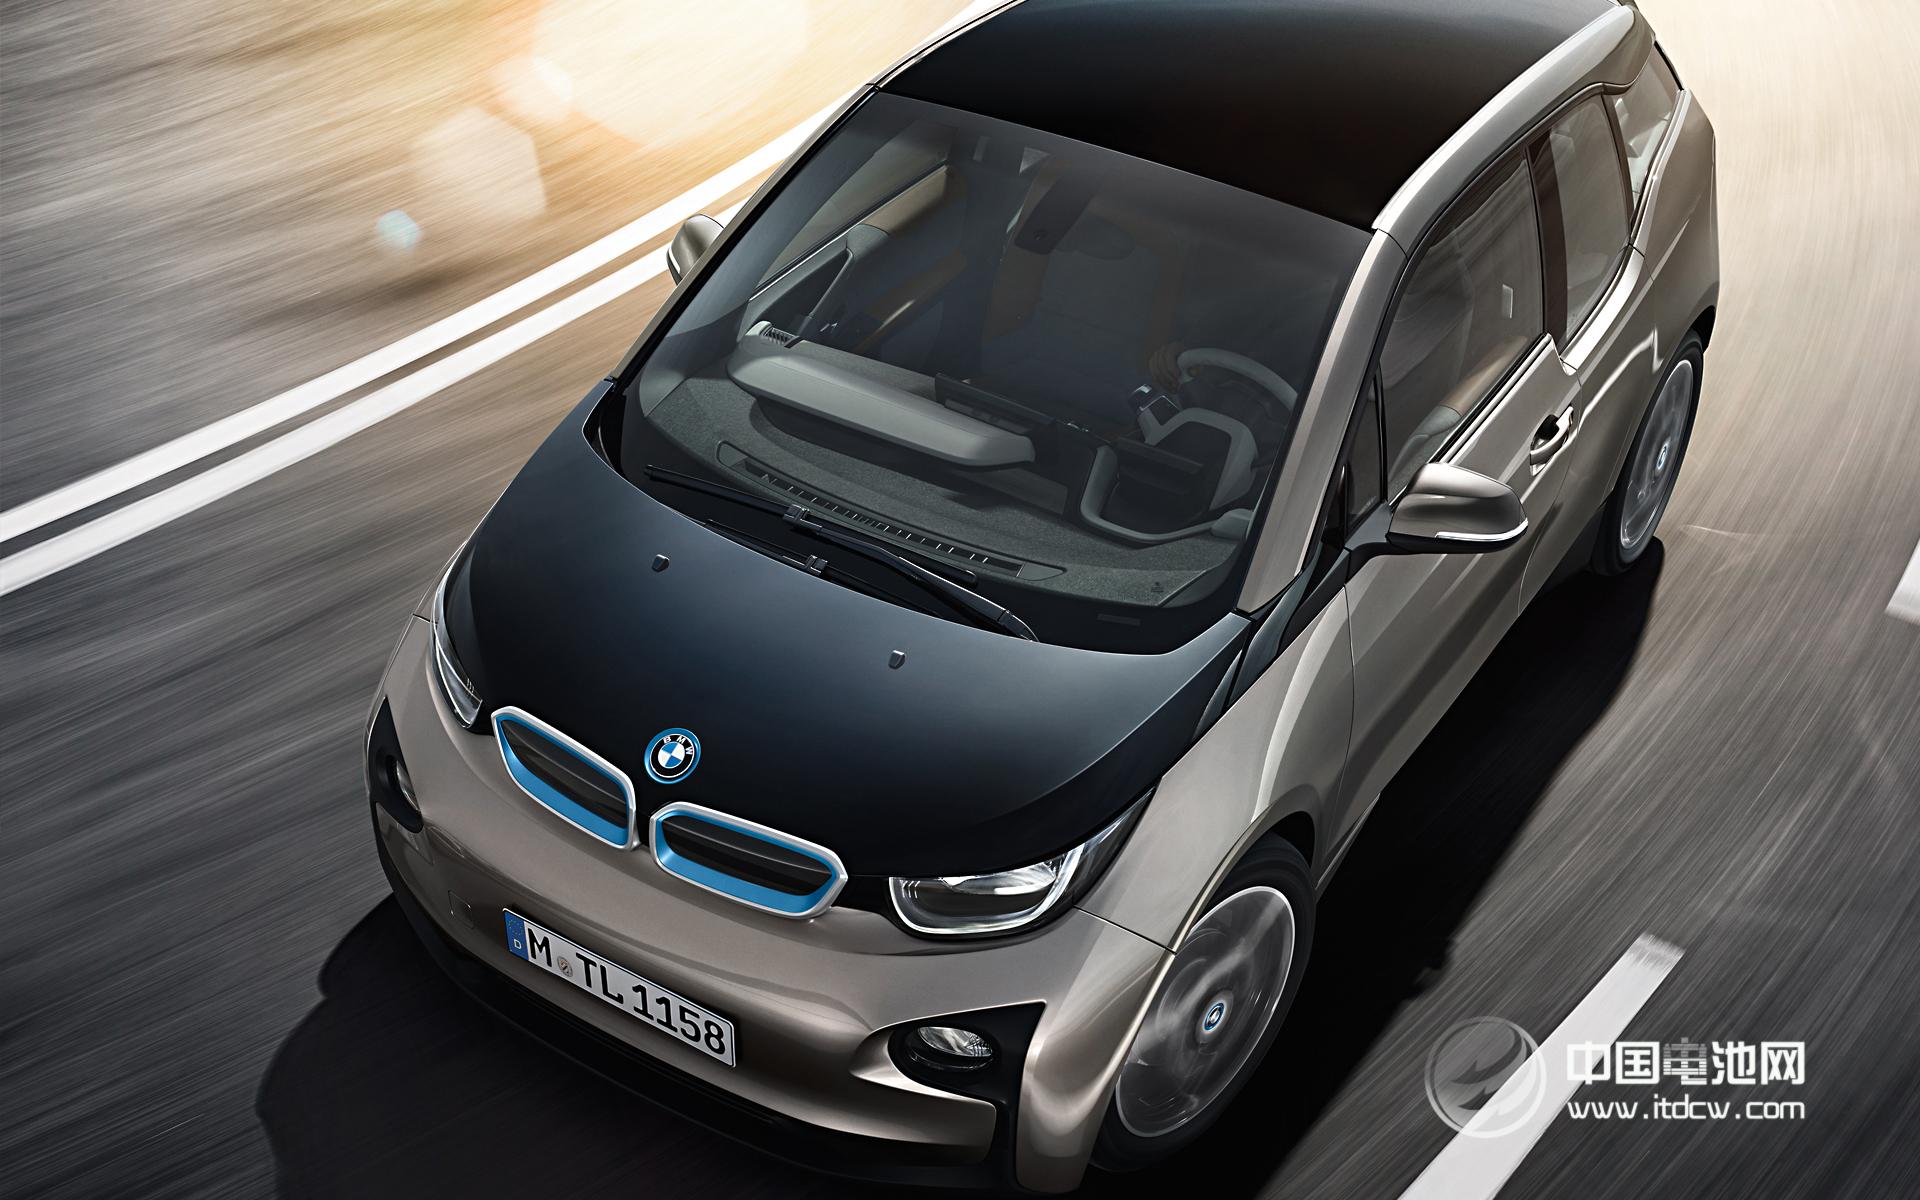 销量以实现厂家平均油耗指标是必然选择,而另一方面,其作为独立的公司更容易做出决策;同时,节能减排也是这个高档汽车品牌赋予自己的企业使命和社会责任。据了解,宝马集团从1972年起就一直保持对电力驱动车辆的科技储备,并早在2002年提出BMW高效动力战略及分期目标,确立了在2010~2020年大举推广电力驱动车辆的路线图。         过去10年,宝马在优化内燃机效率方面成绩卓著,而电动汽车研发的推进步伐也非常扎实。2008年开始,MINI E在欧美及中国开展全球最大规模的道路实测,加上第二款测试车型B